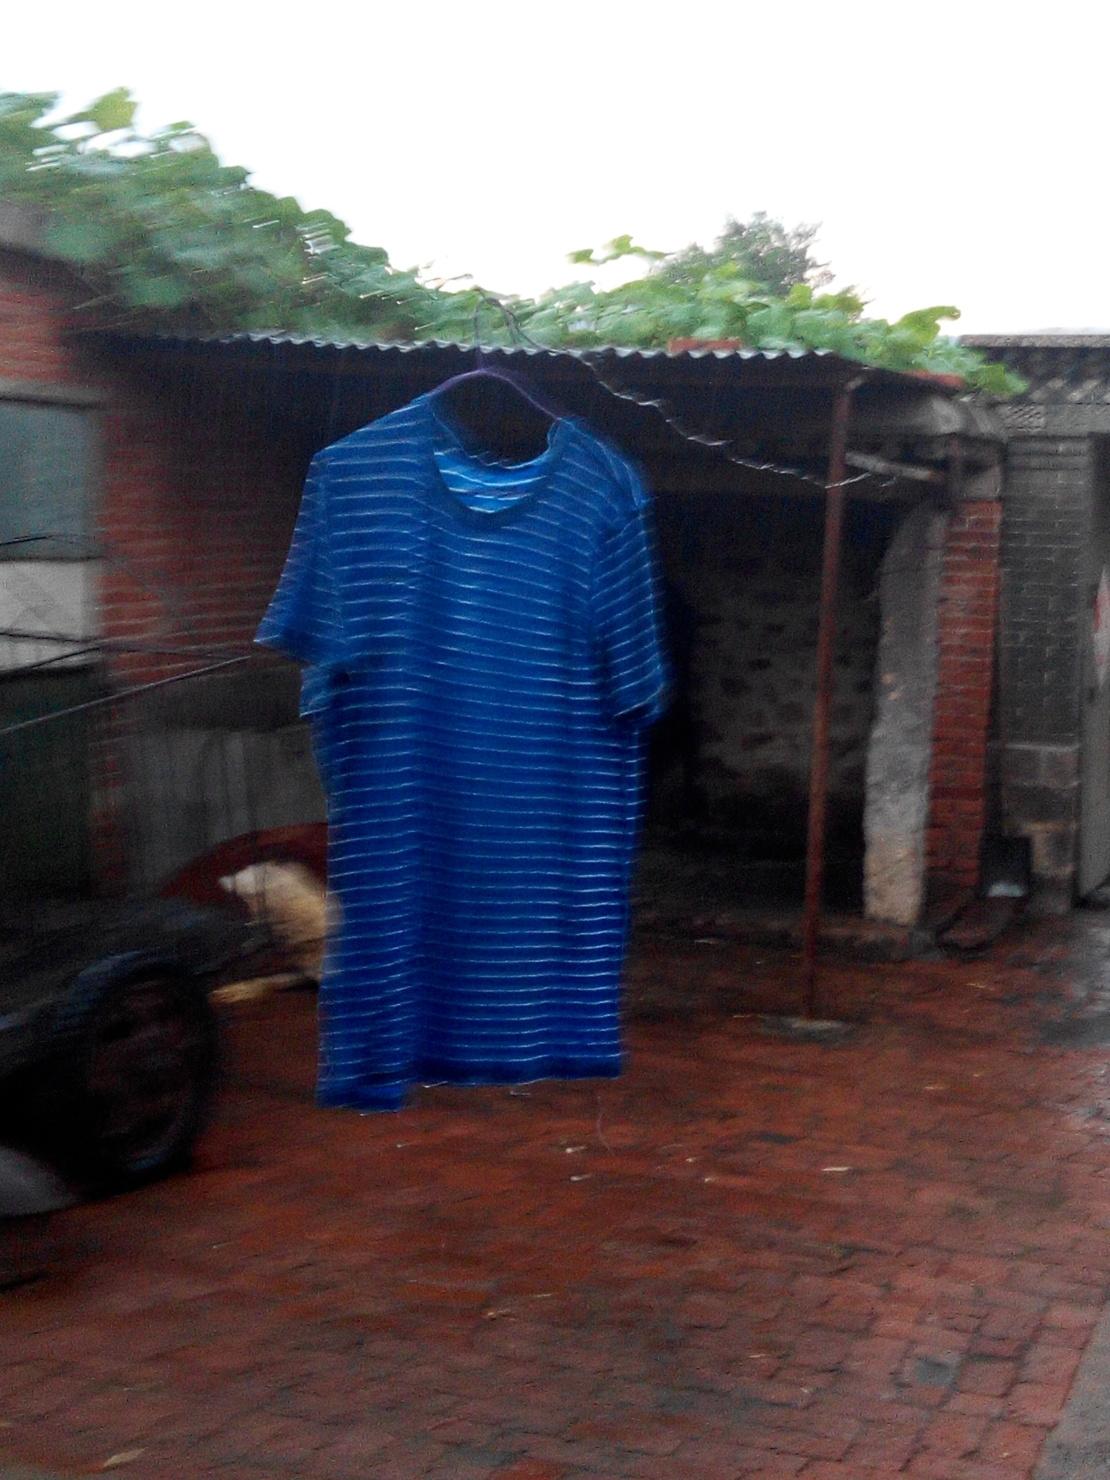 终于等到下雨了,终于可以洗衣服了,想在兜里放点洗衣粉再挂出去,可是却发现衣服没兜